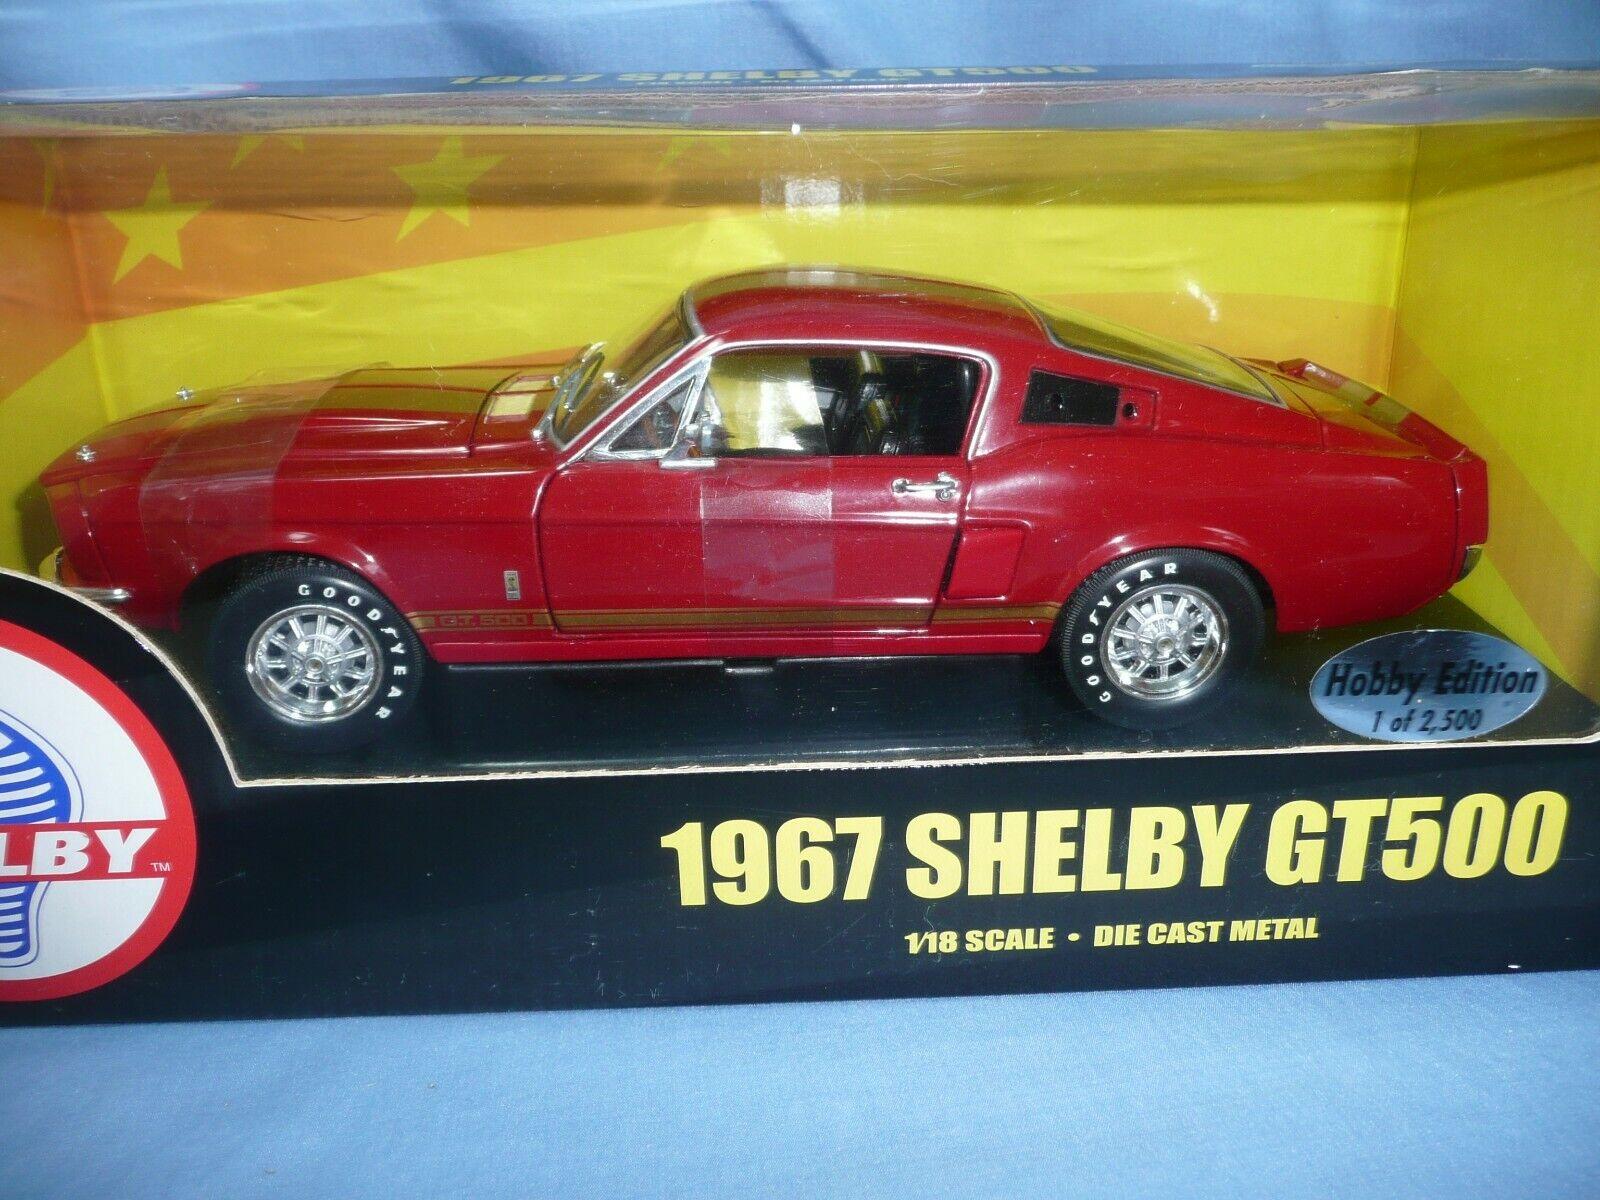 ERTL AMERICAN MUSCLE SHELBY SHELBY SHELBY GT500 1 18 024fe0